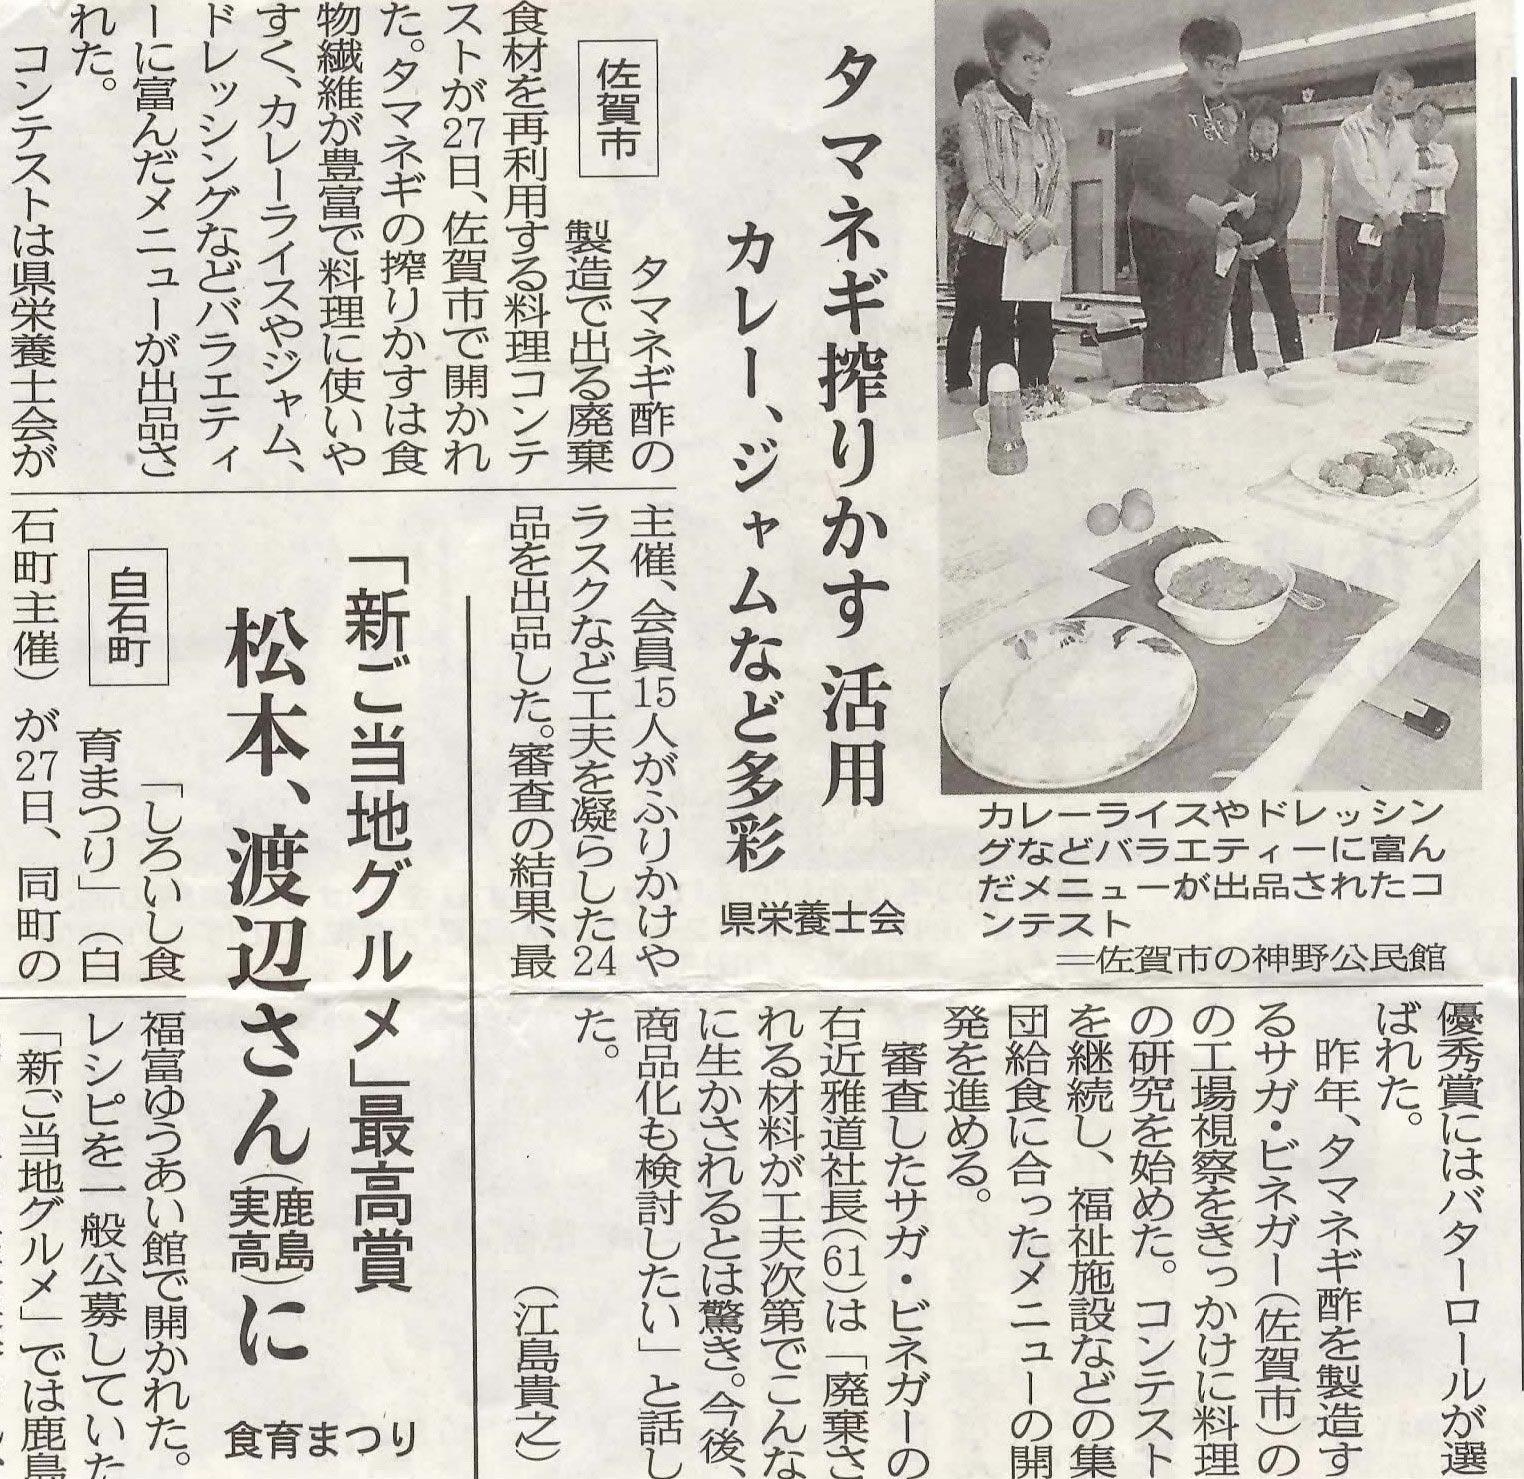 新聞掲載 2012年(平成24年)10月27日 佐賀新聞 「タマネギ繊維活用」